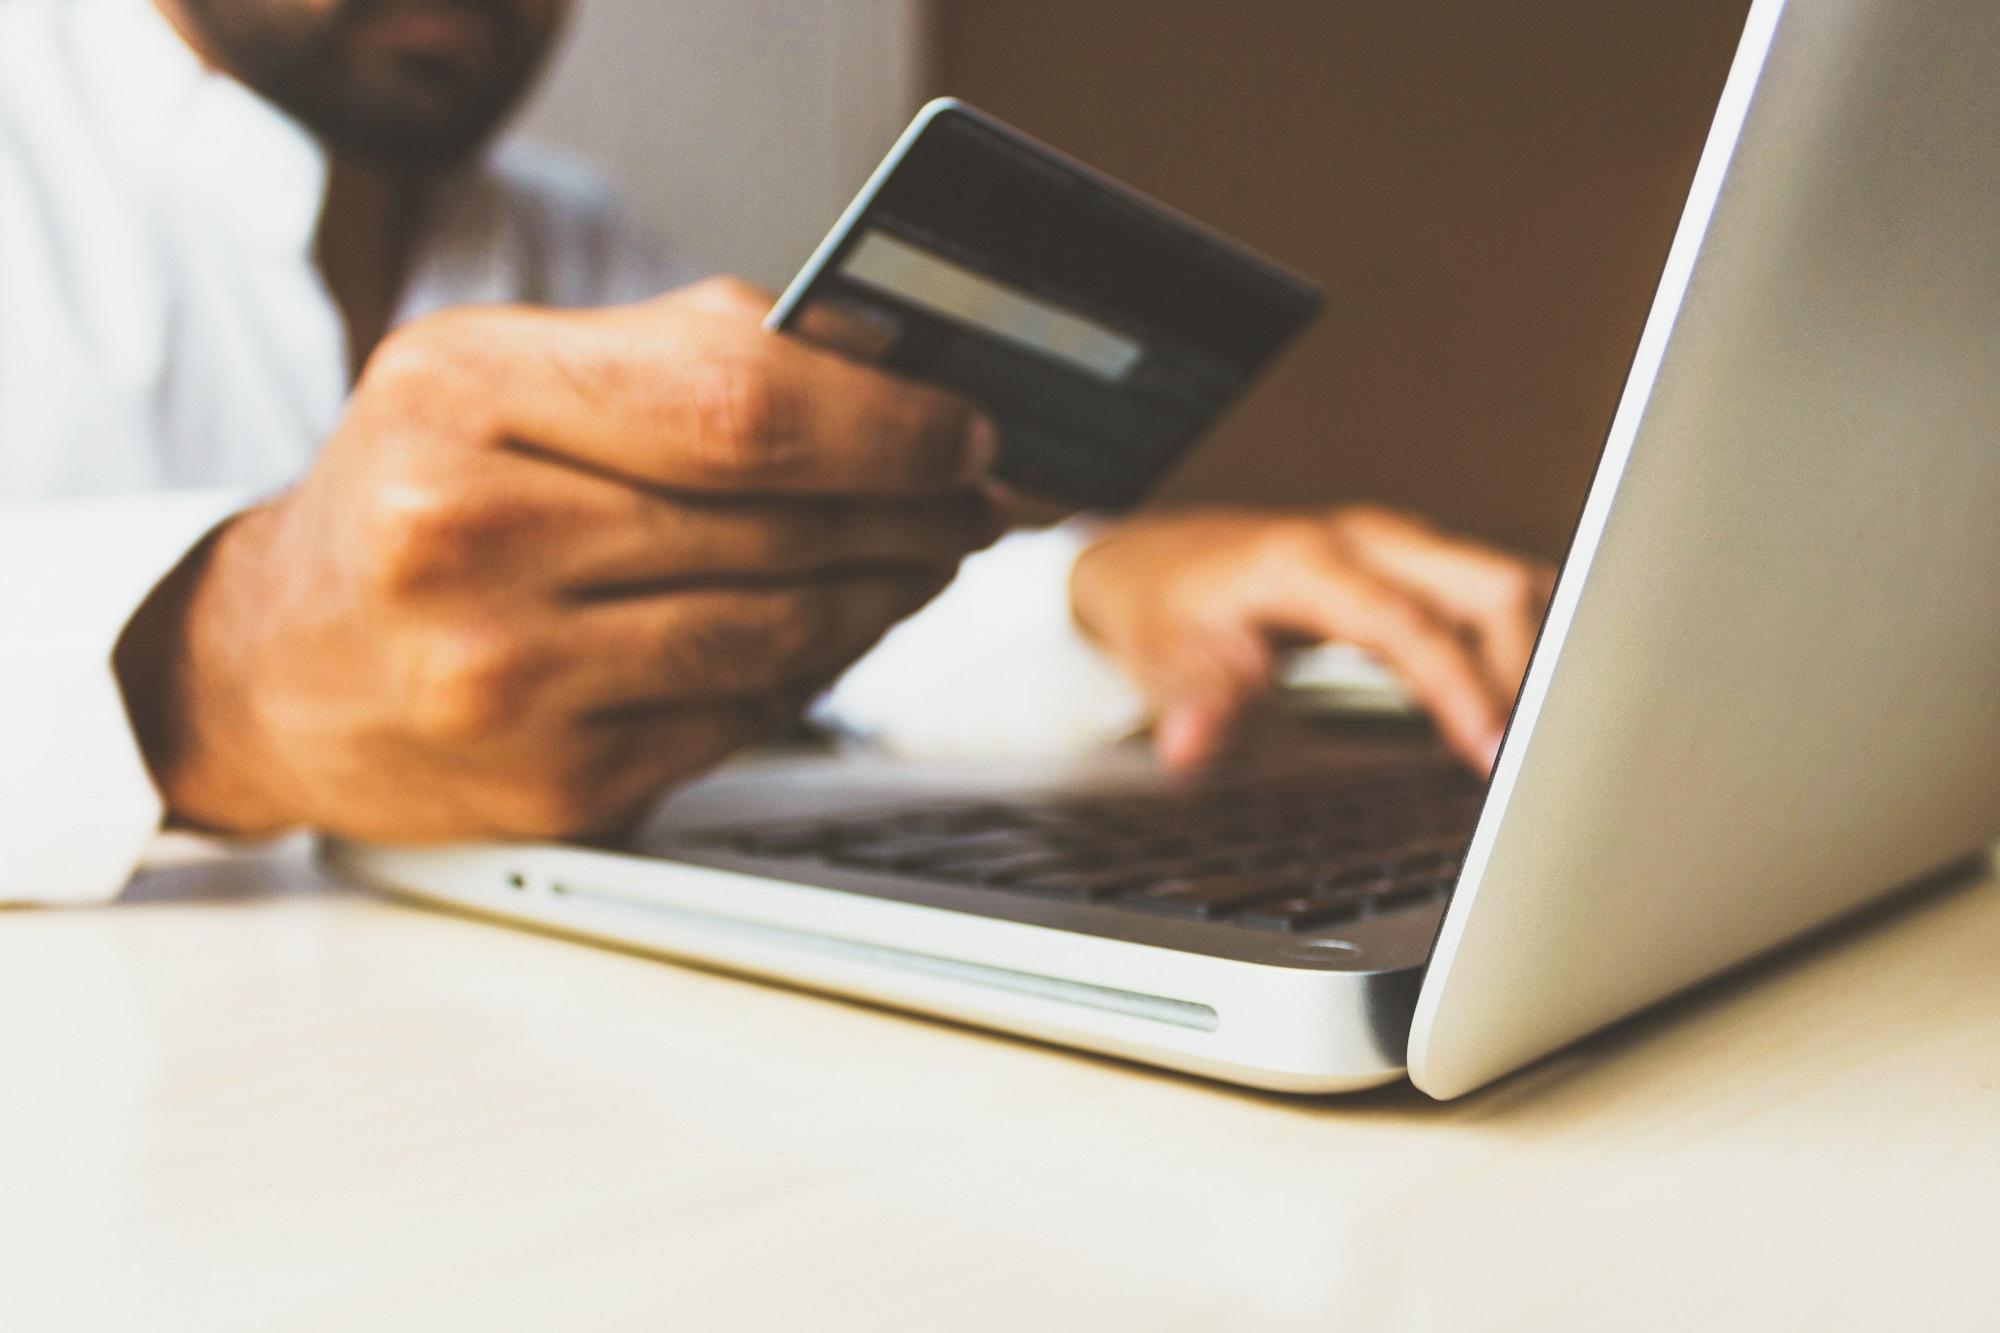 Comment mieux profiter des bons plans en ligne grâce au cash back ?